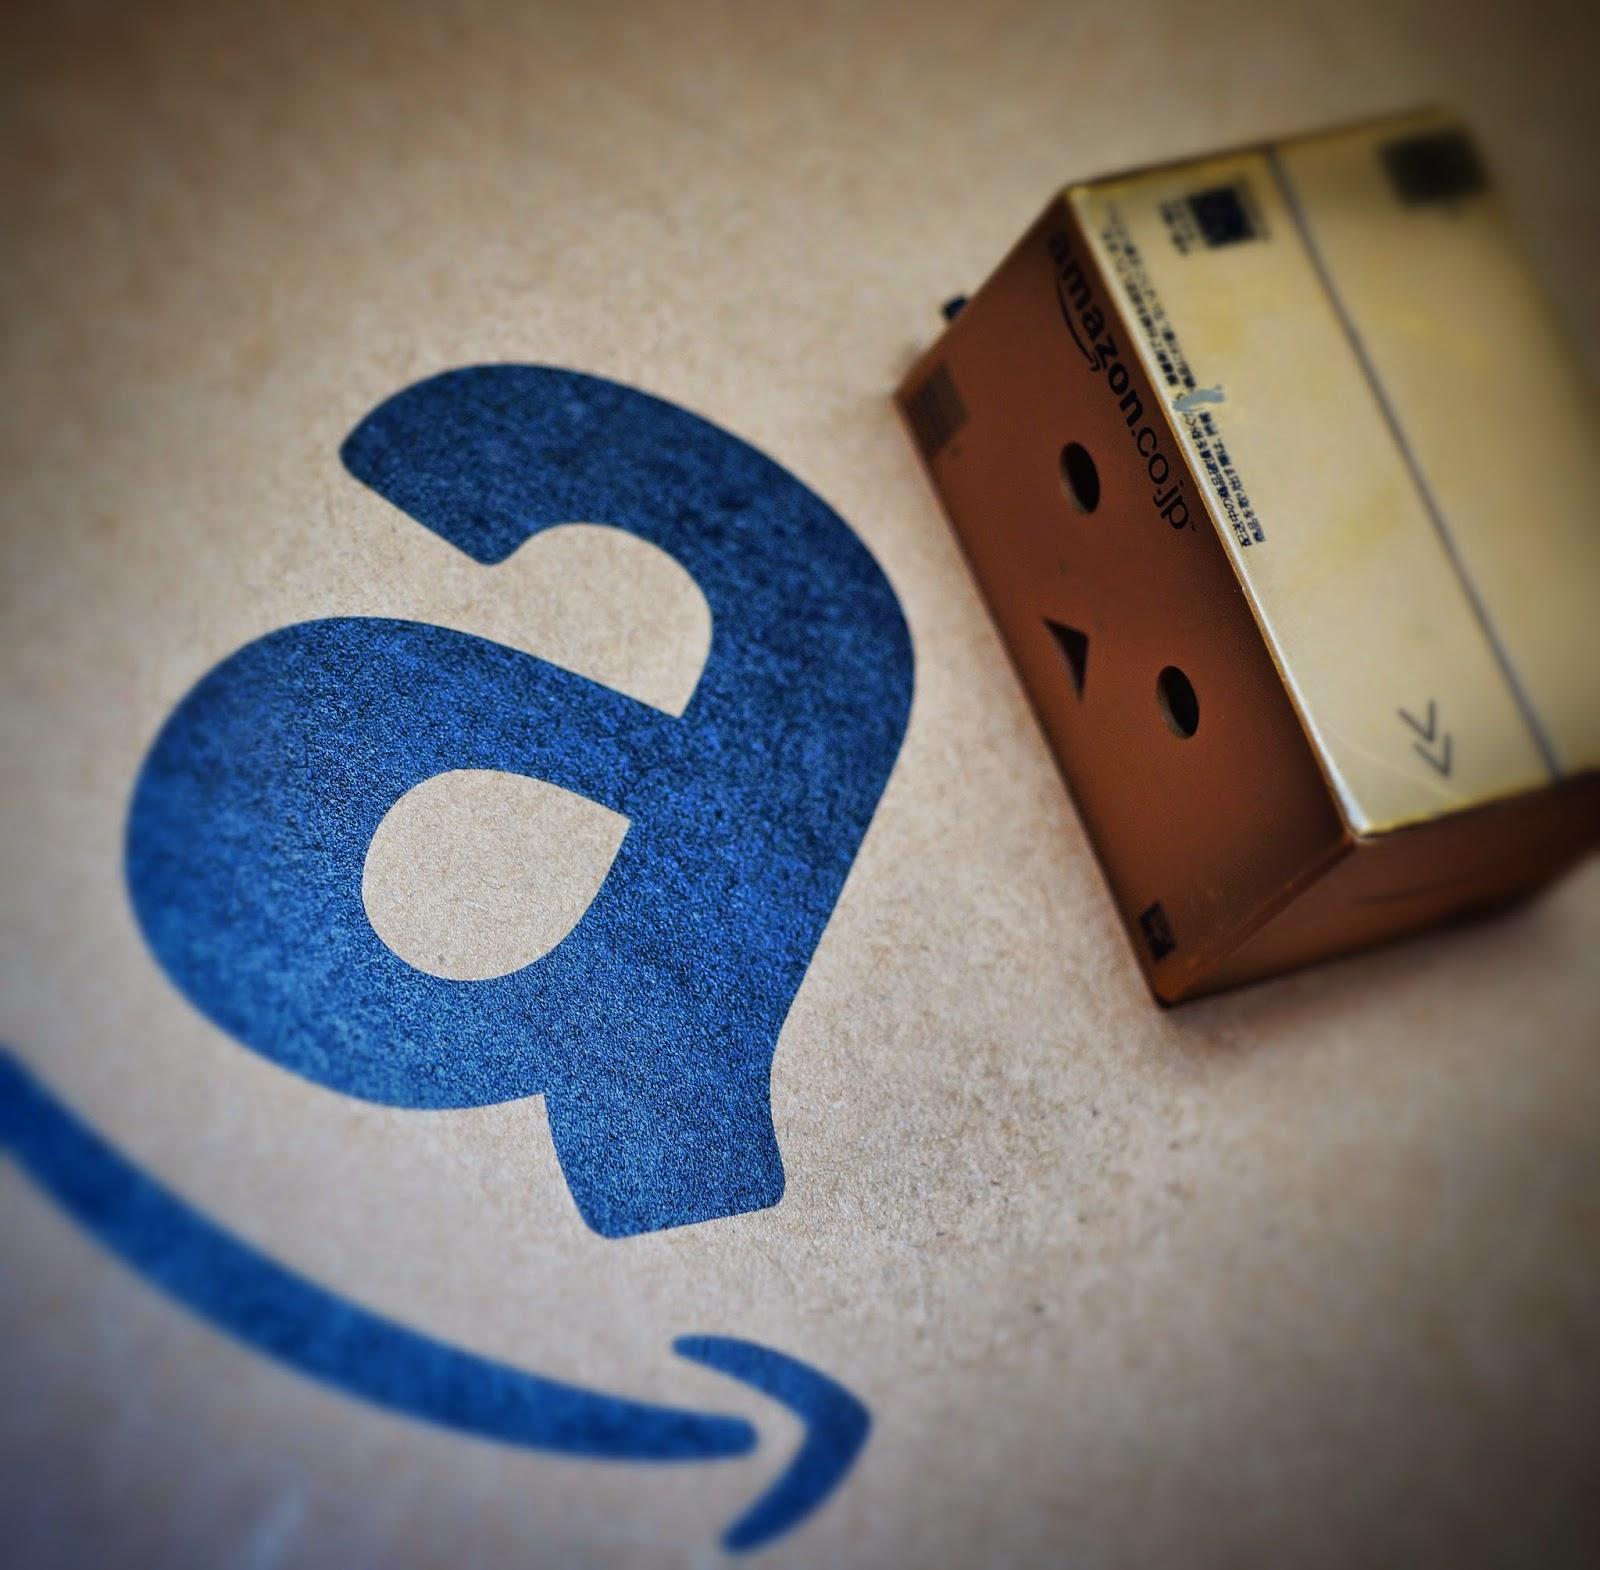 Jonah Engler - Amazon's Dash Debut Before April Fool